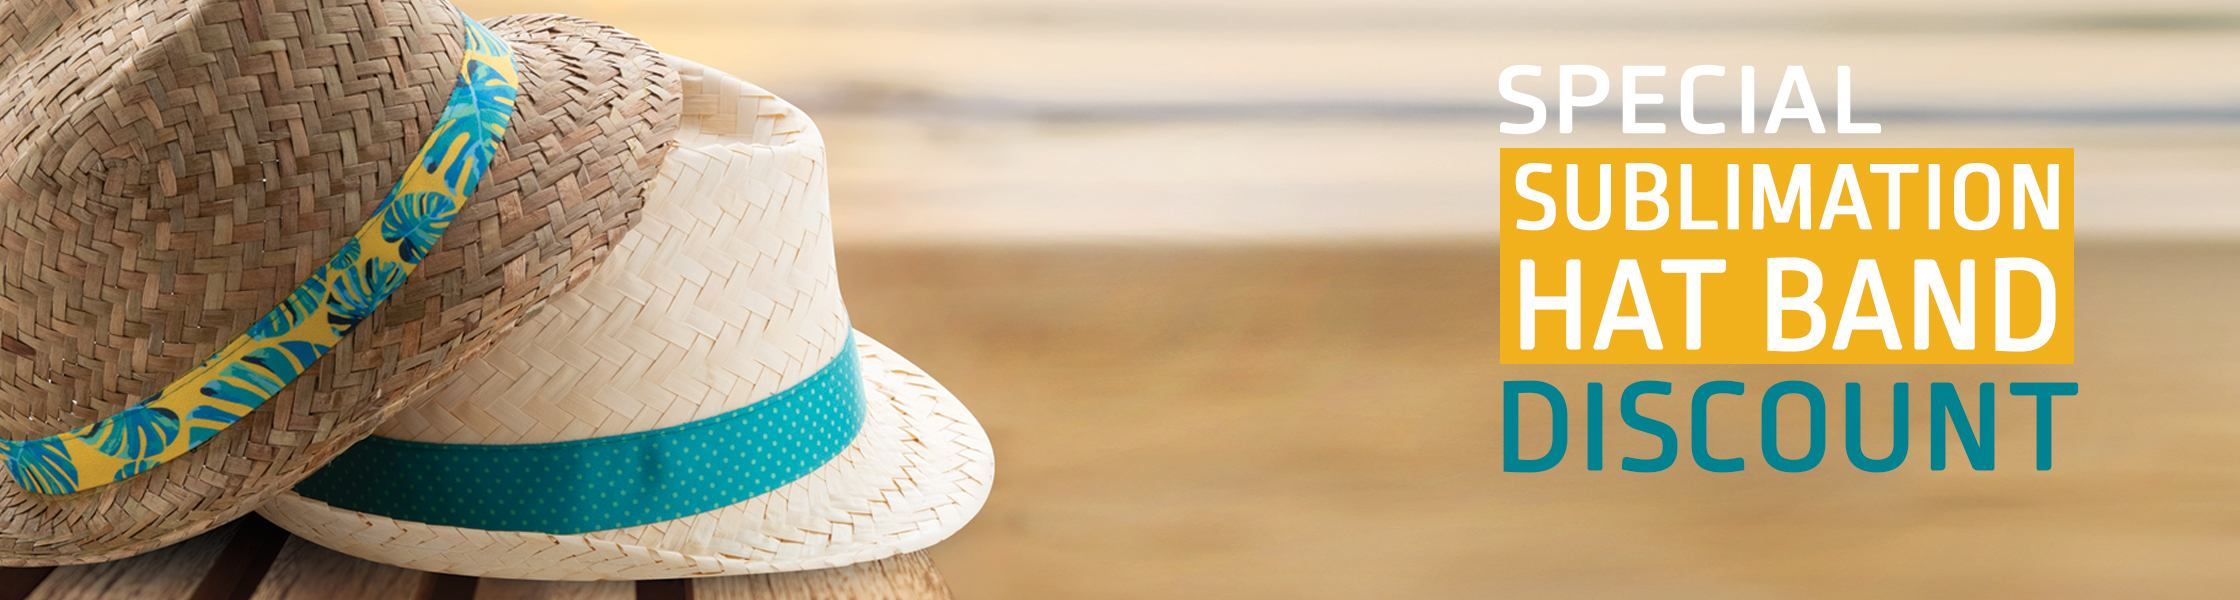 Užijte si sluneční svit a chraňte se! - kód kupónu: SUBRERO20